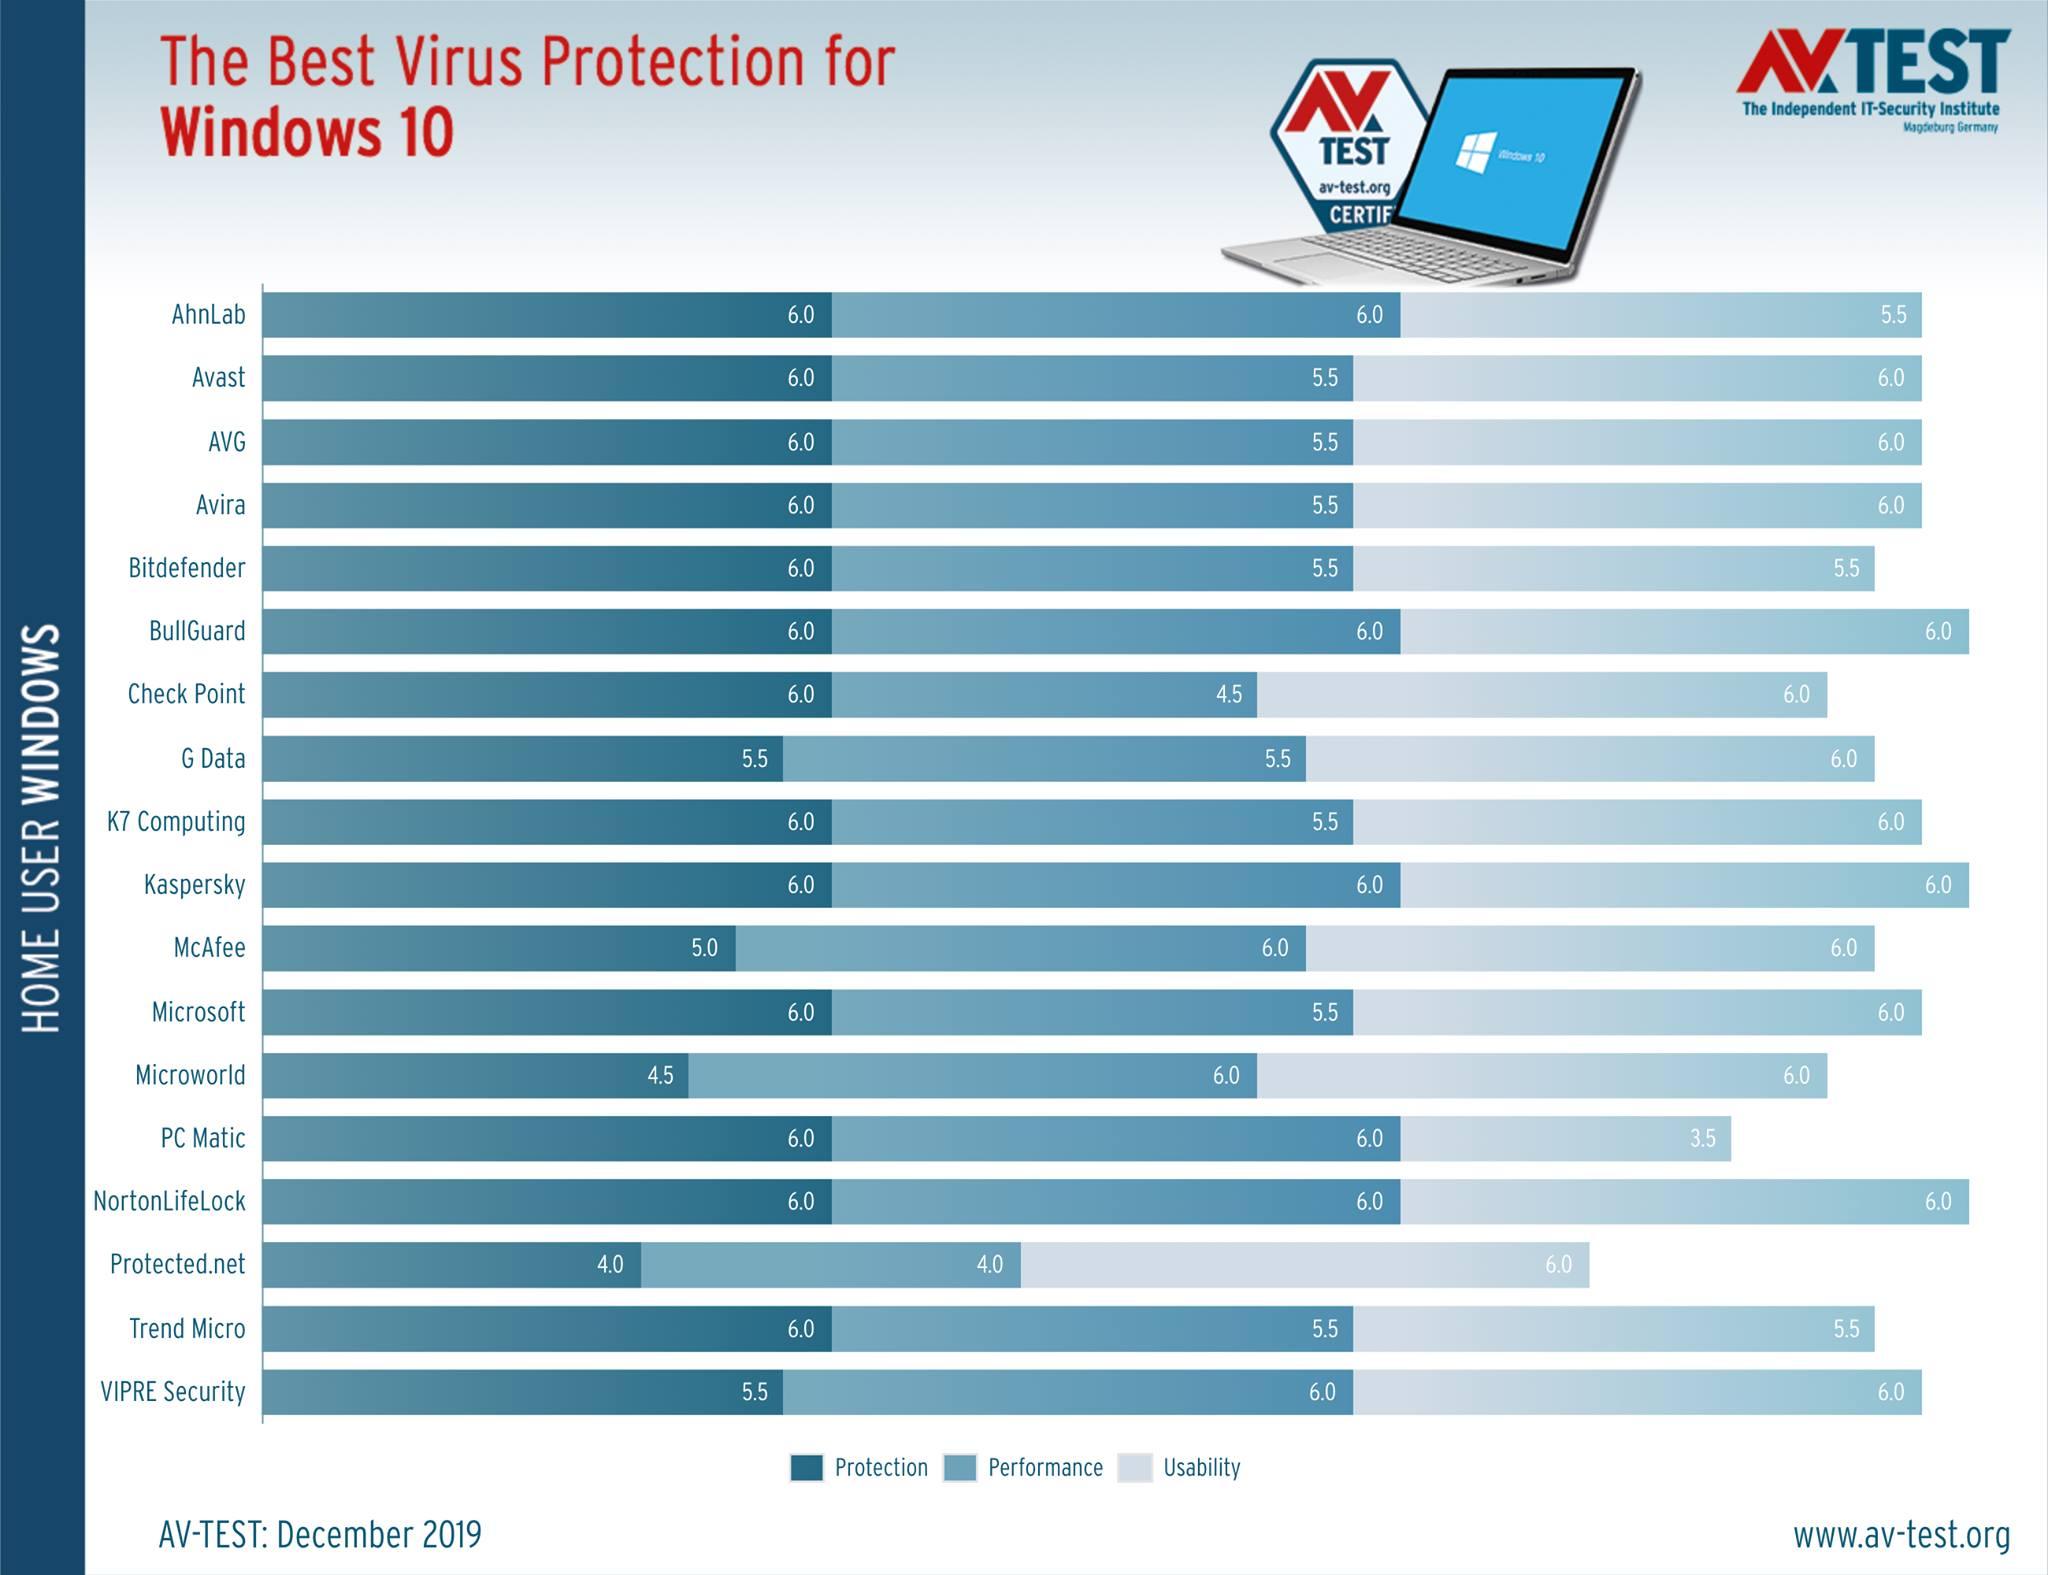 Graf výsledkov testovaných antivírusových riešení za december 2019 (zdroj AV-Test.org)